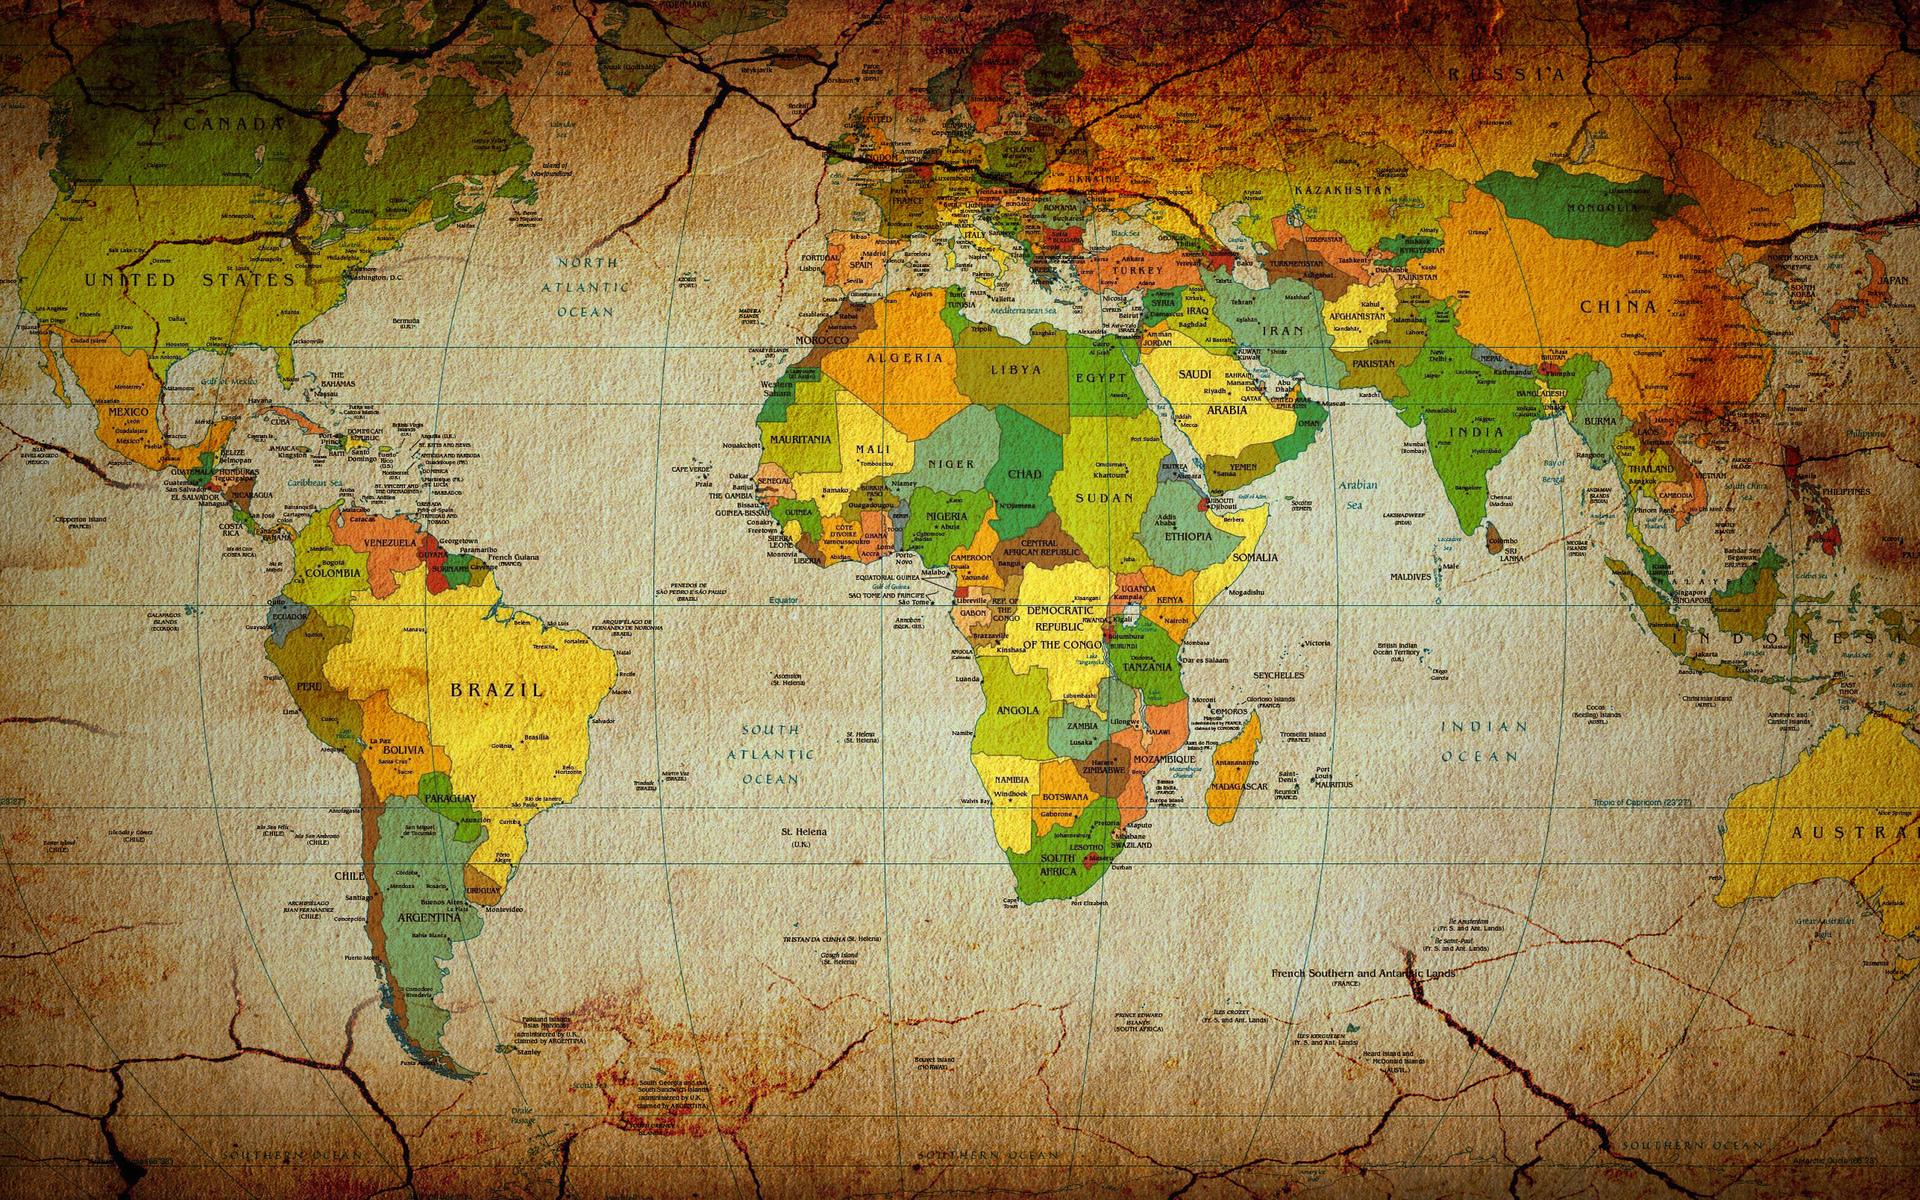 ... , карта обои для рабочего стола 1920 x 1200: www.look.com.ua/download/22614/1920x1200